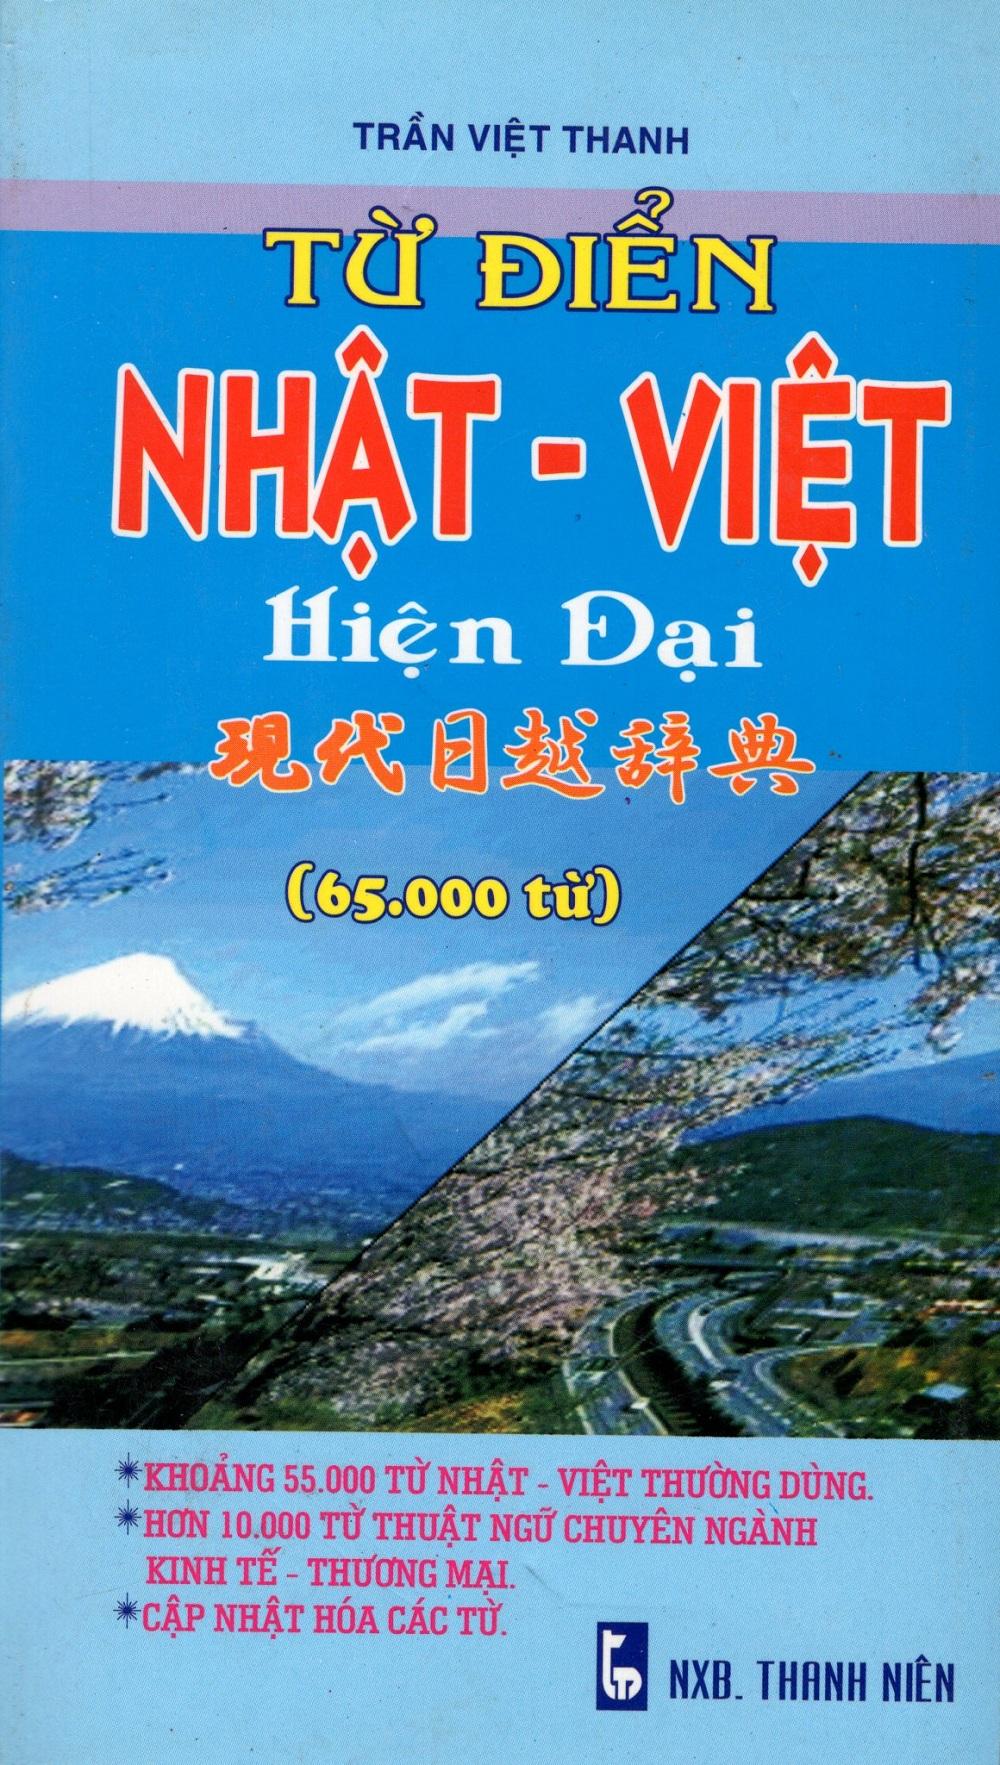 Bìa sách Từ Điển Nhật - Việt Hiện Đại (65.000 Từ)